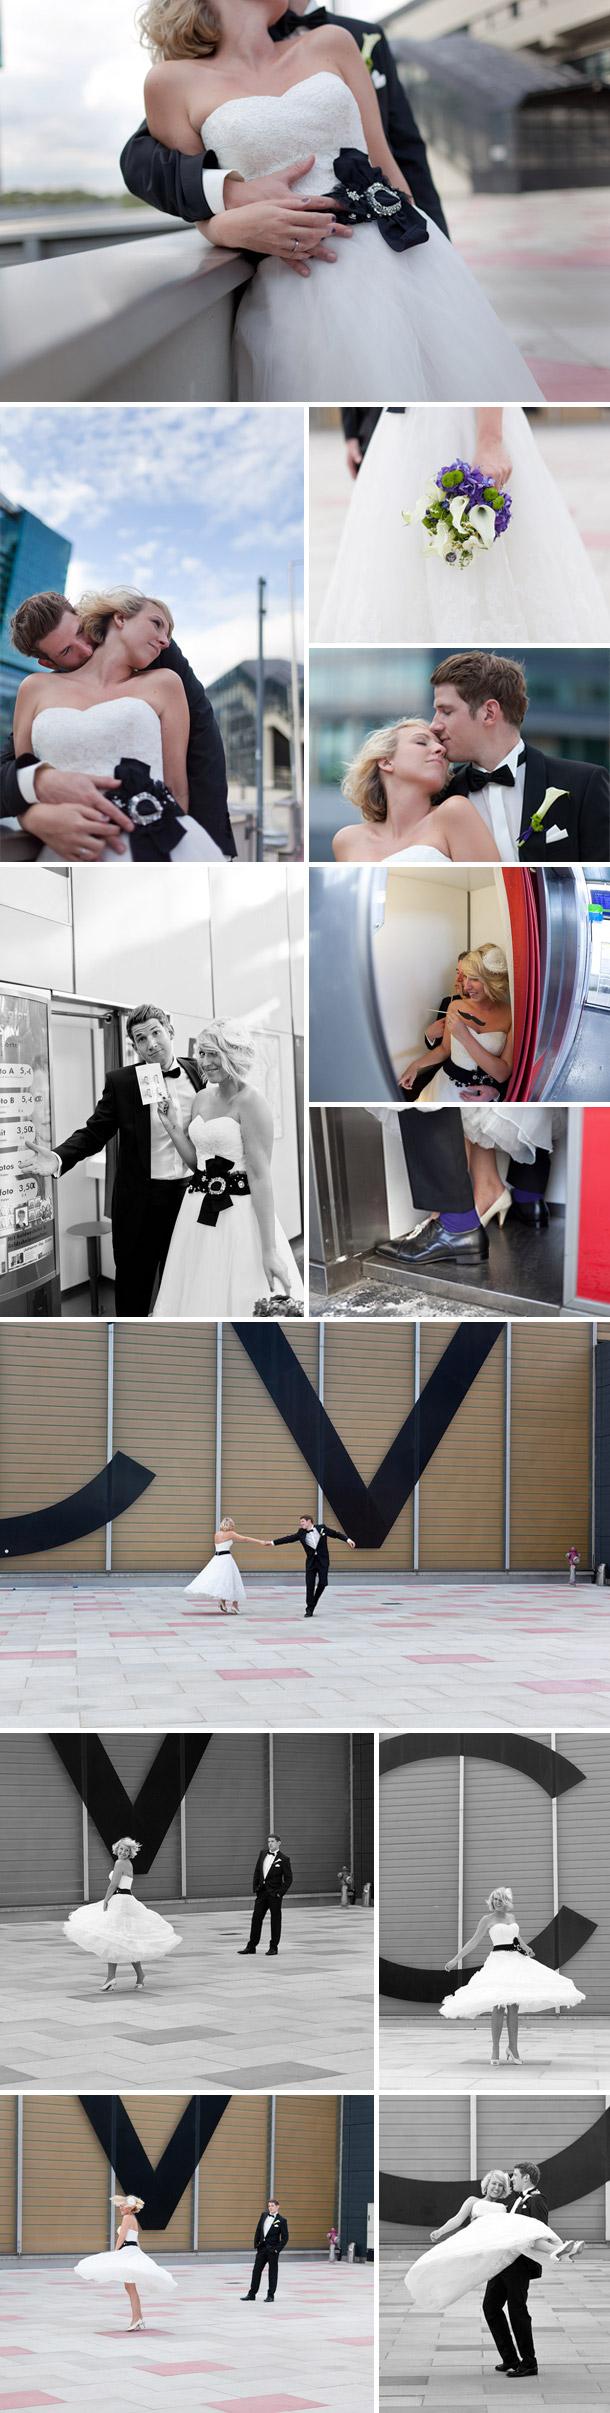 Carina und Stefans Hochzeit bei Dorelies Hofer Fotografie